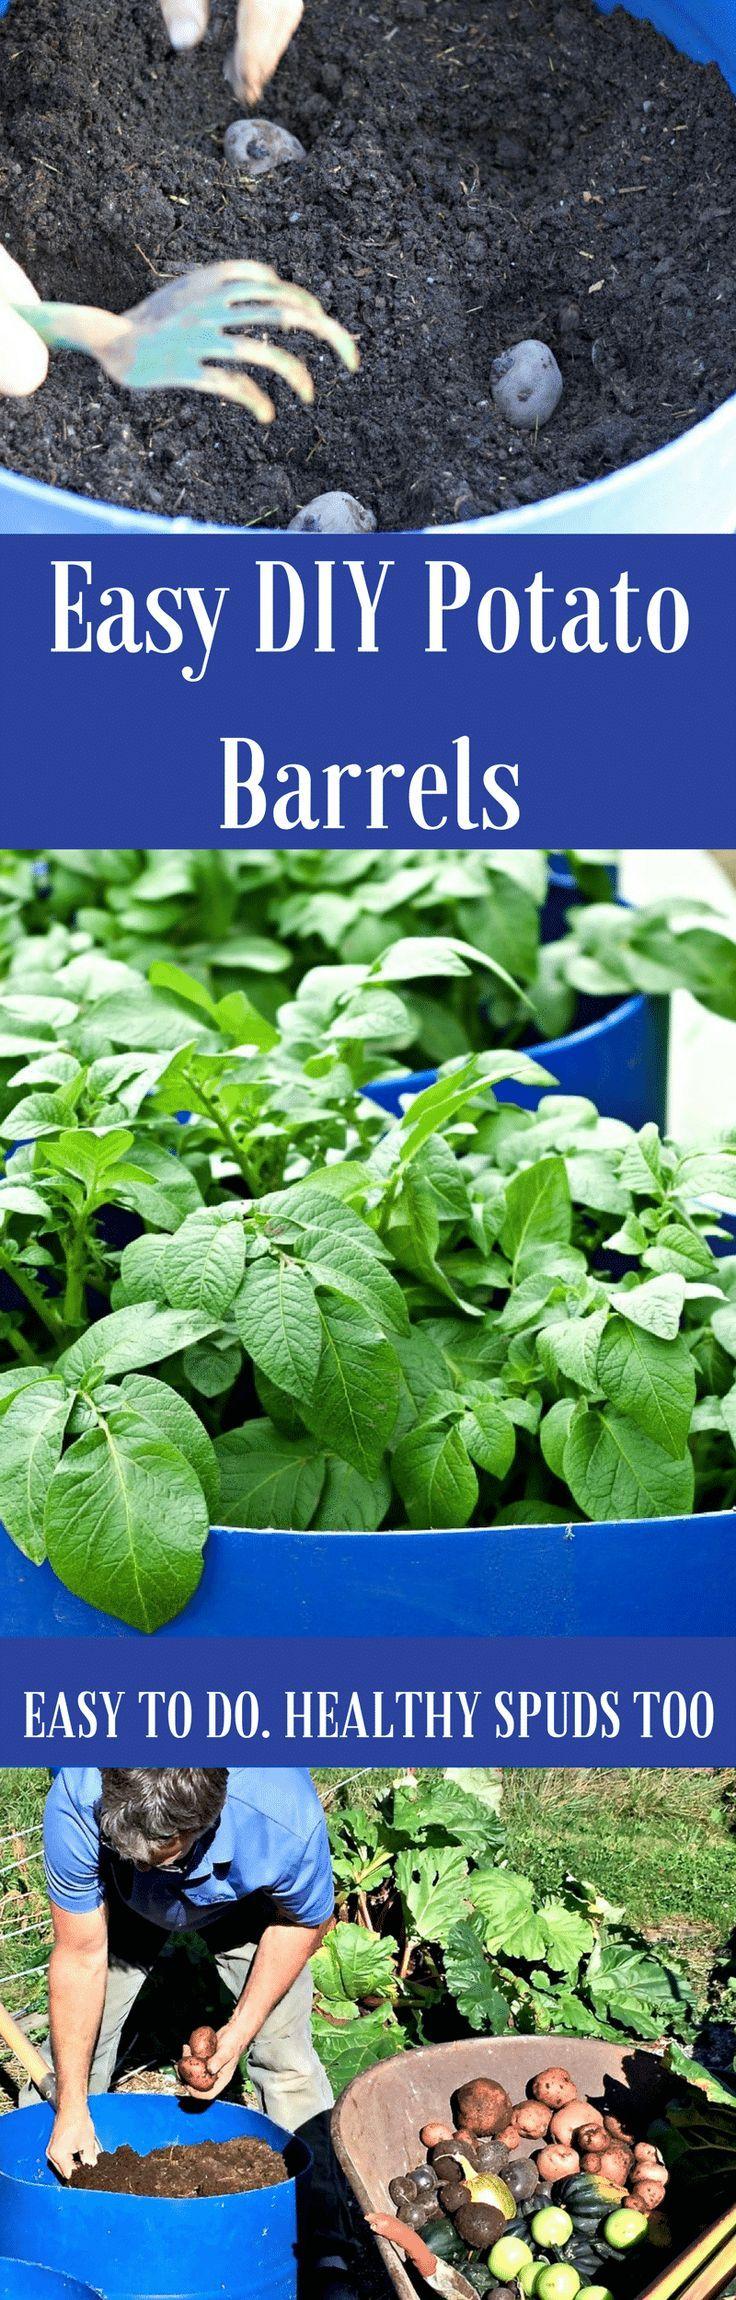 Easy DIY Potato Barrels